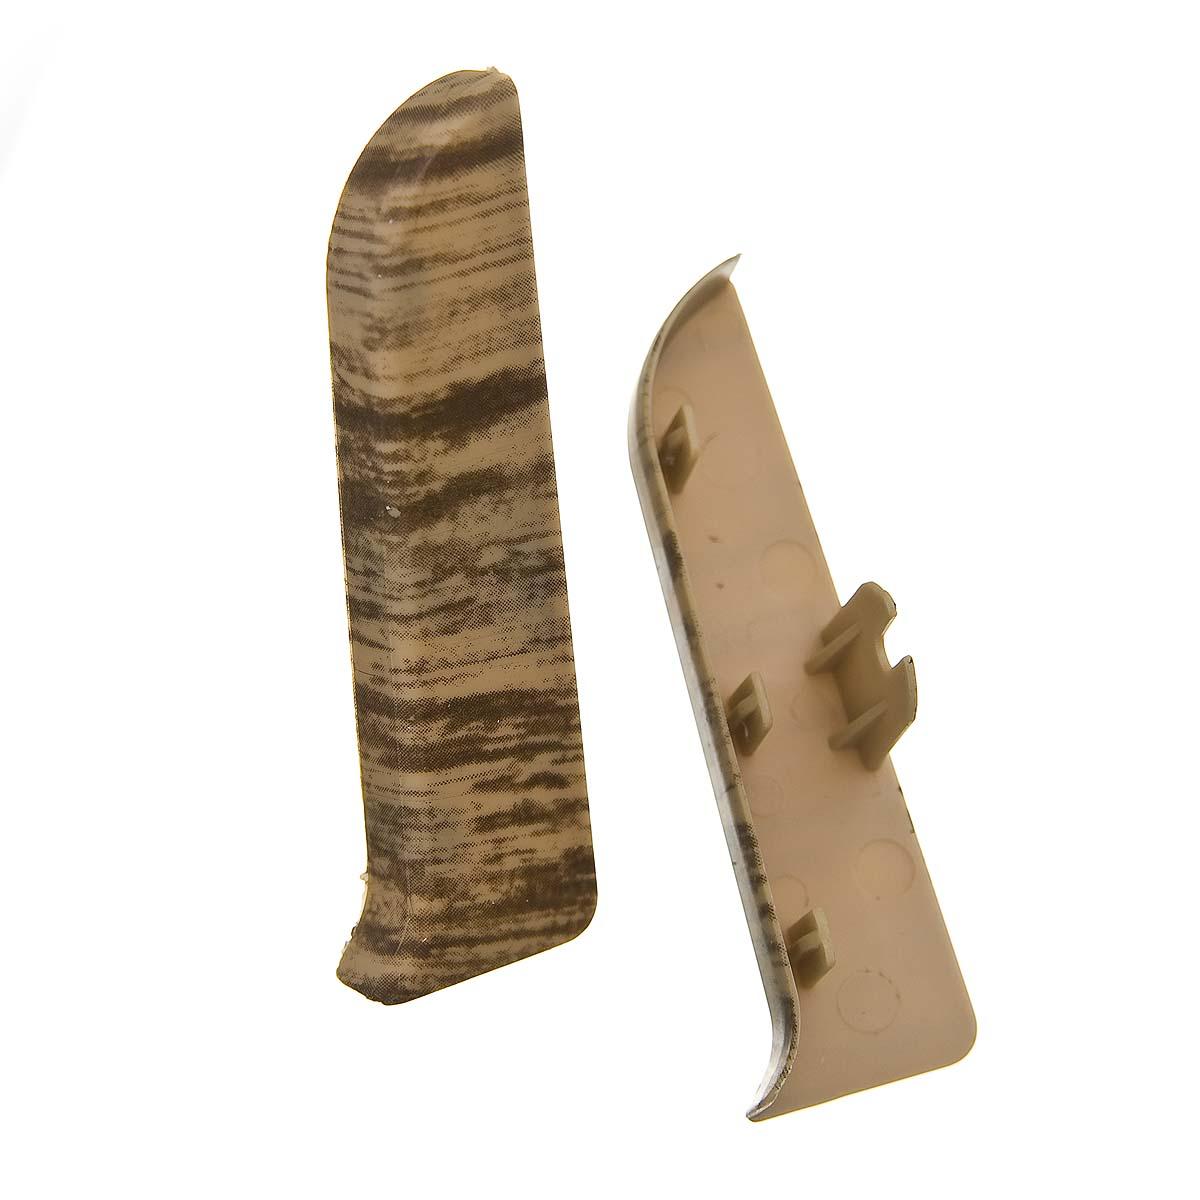 Заглушки торцевые (левая+правая) к плинтусу 86 мм королевский белый дуб Nexus